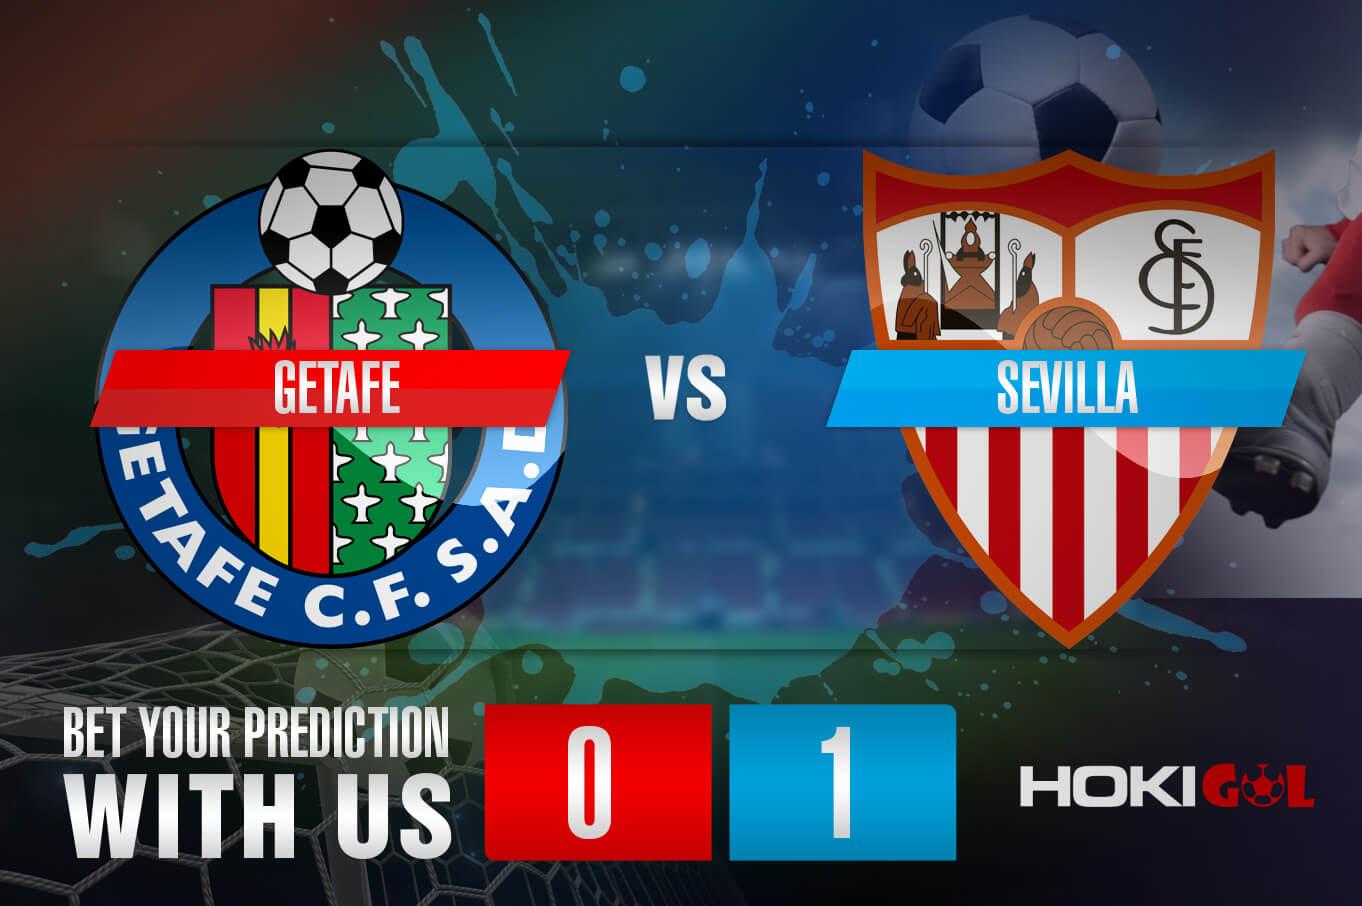 Prediksi Bola Getafe Vs Sevilla 12 Desember 2020